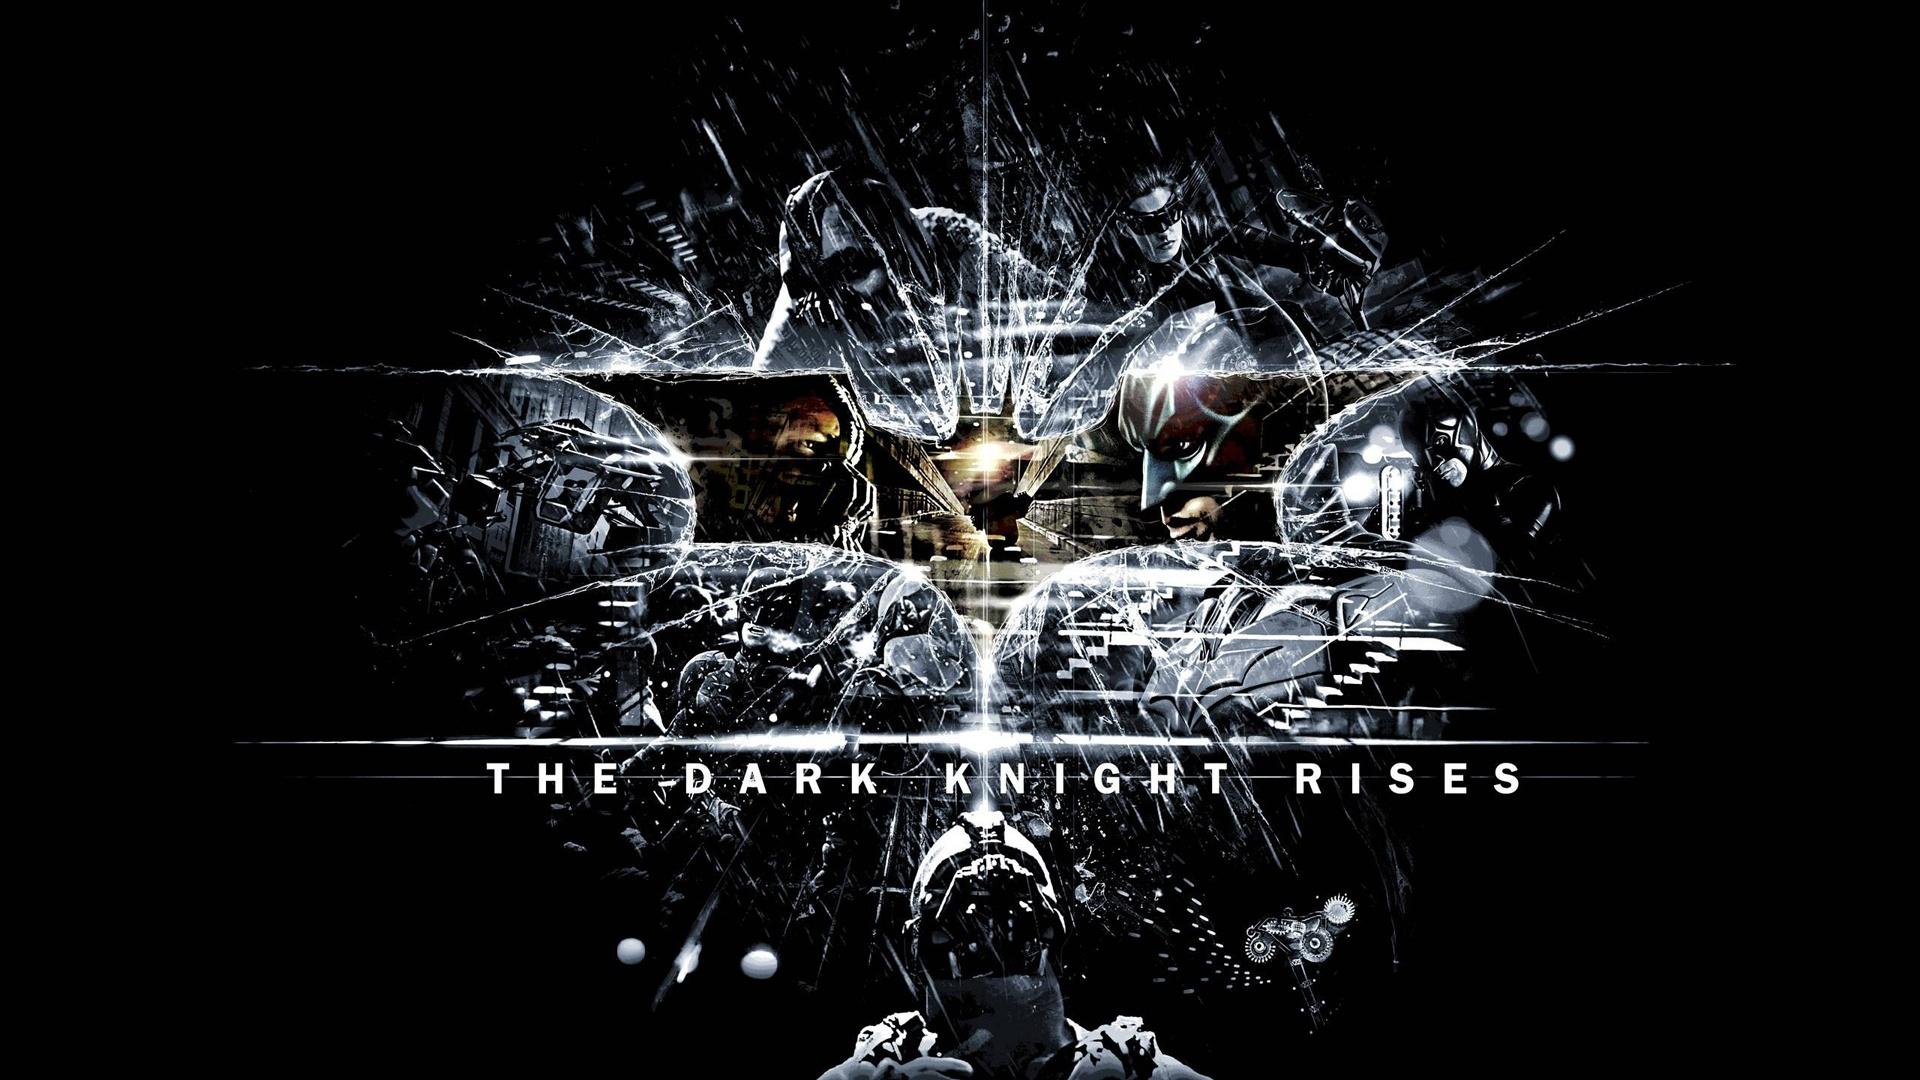 Wallpaper The Dark Knight Rises Movie 2012 1920x1200 Hd